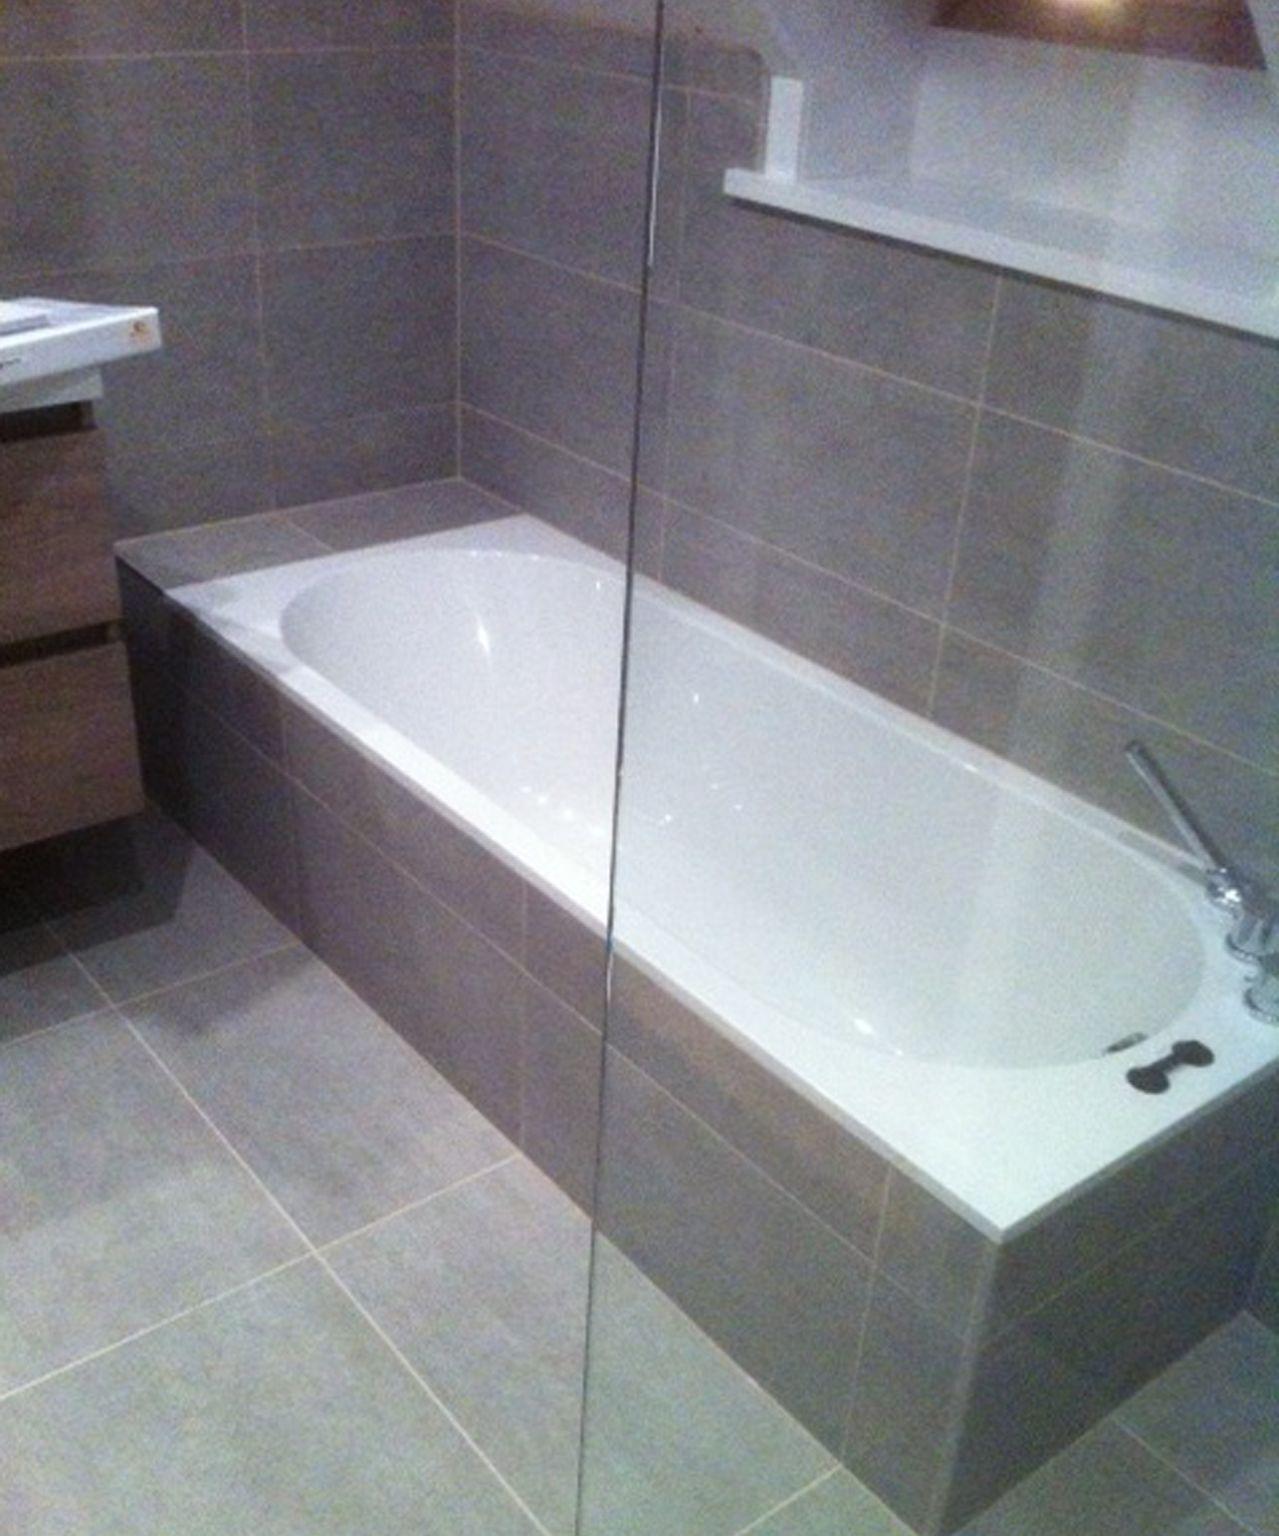 bad afgewerkt met tegels naast inloopdouche bad villeroy boch